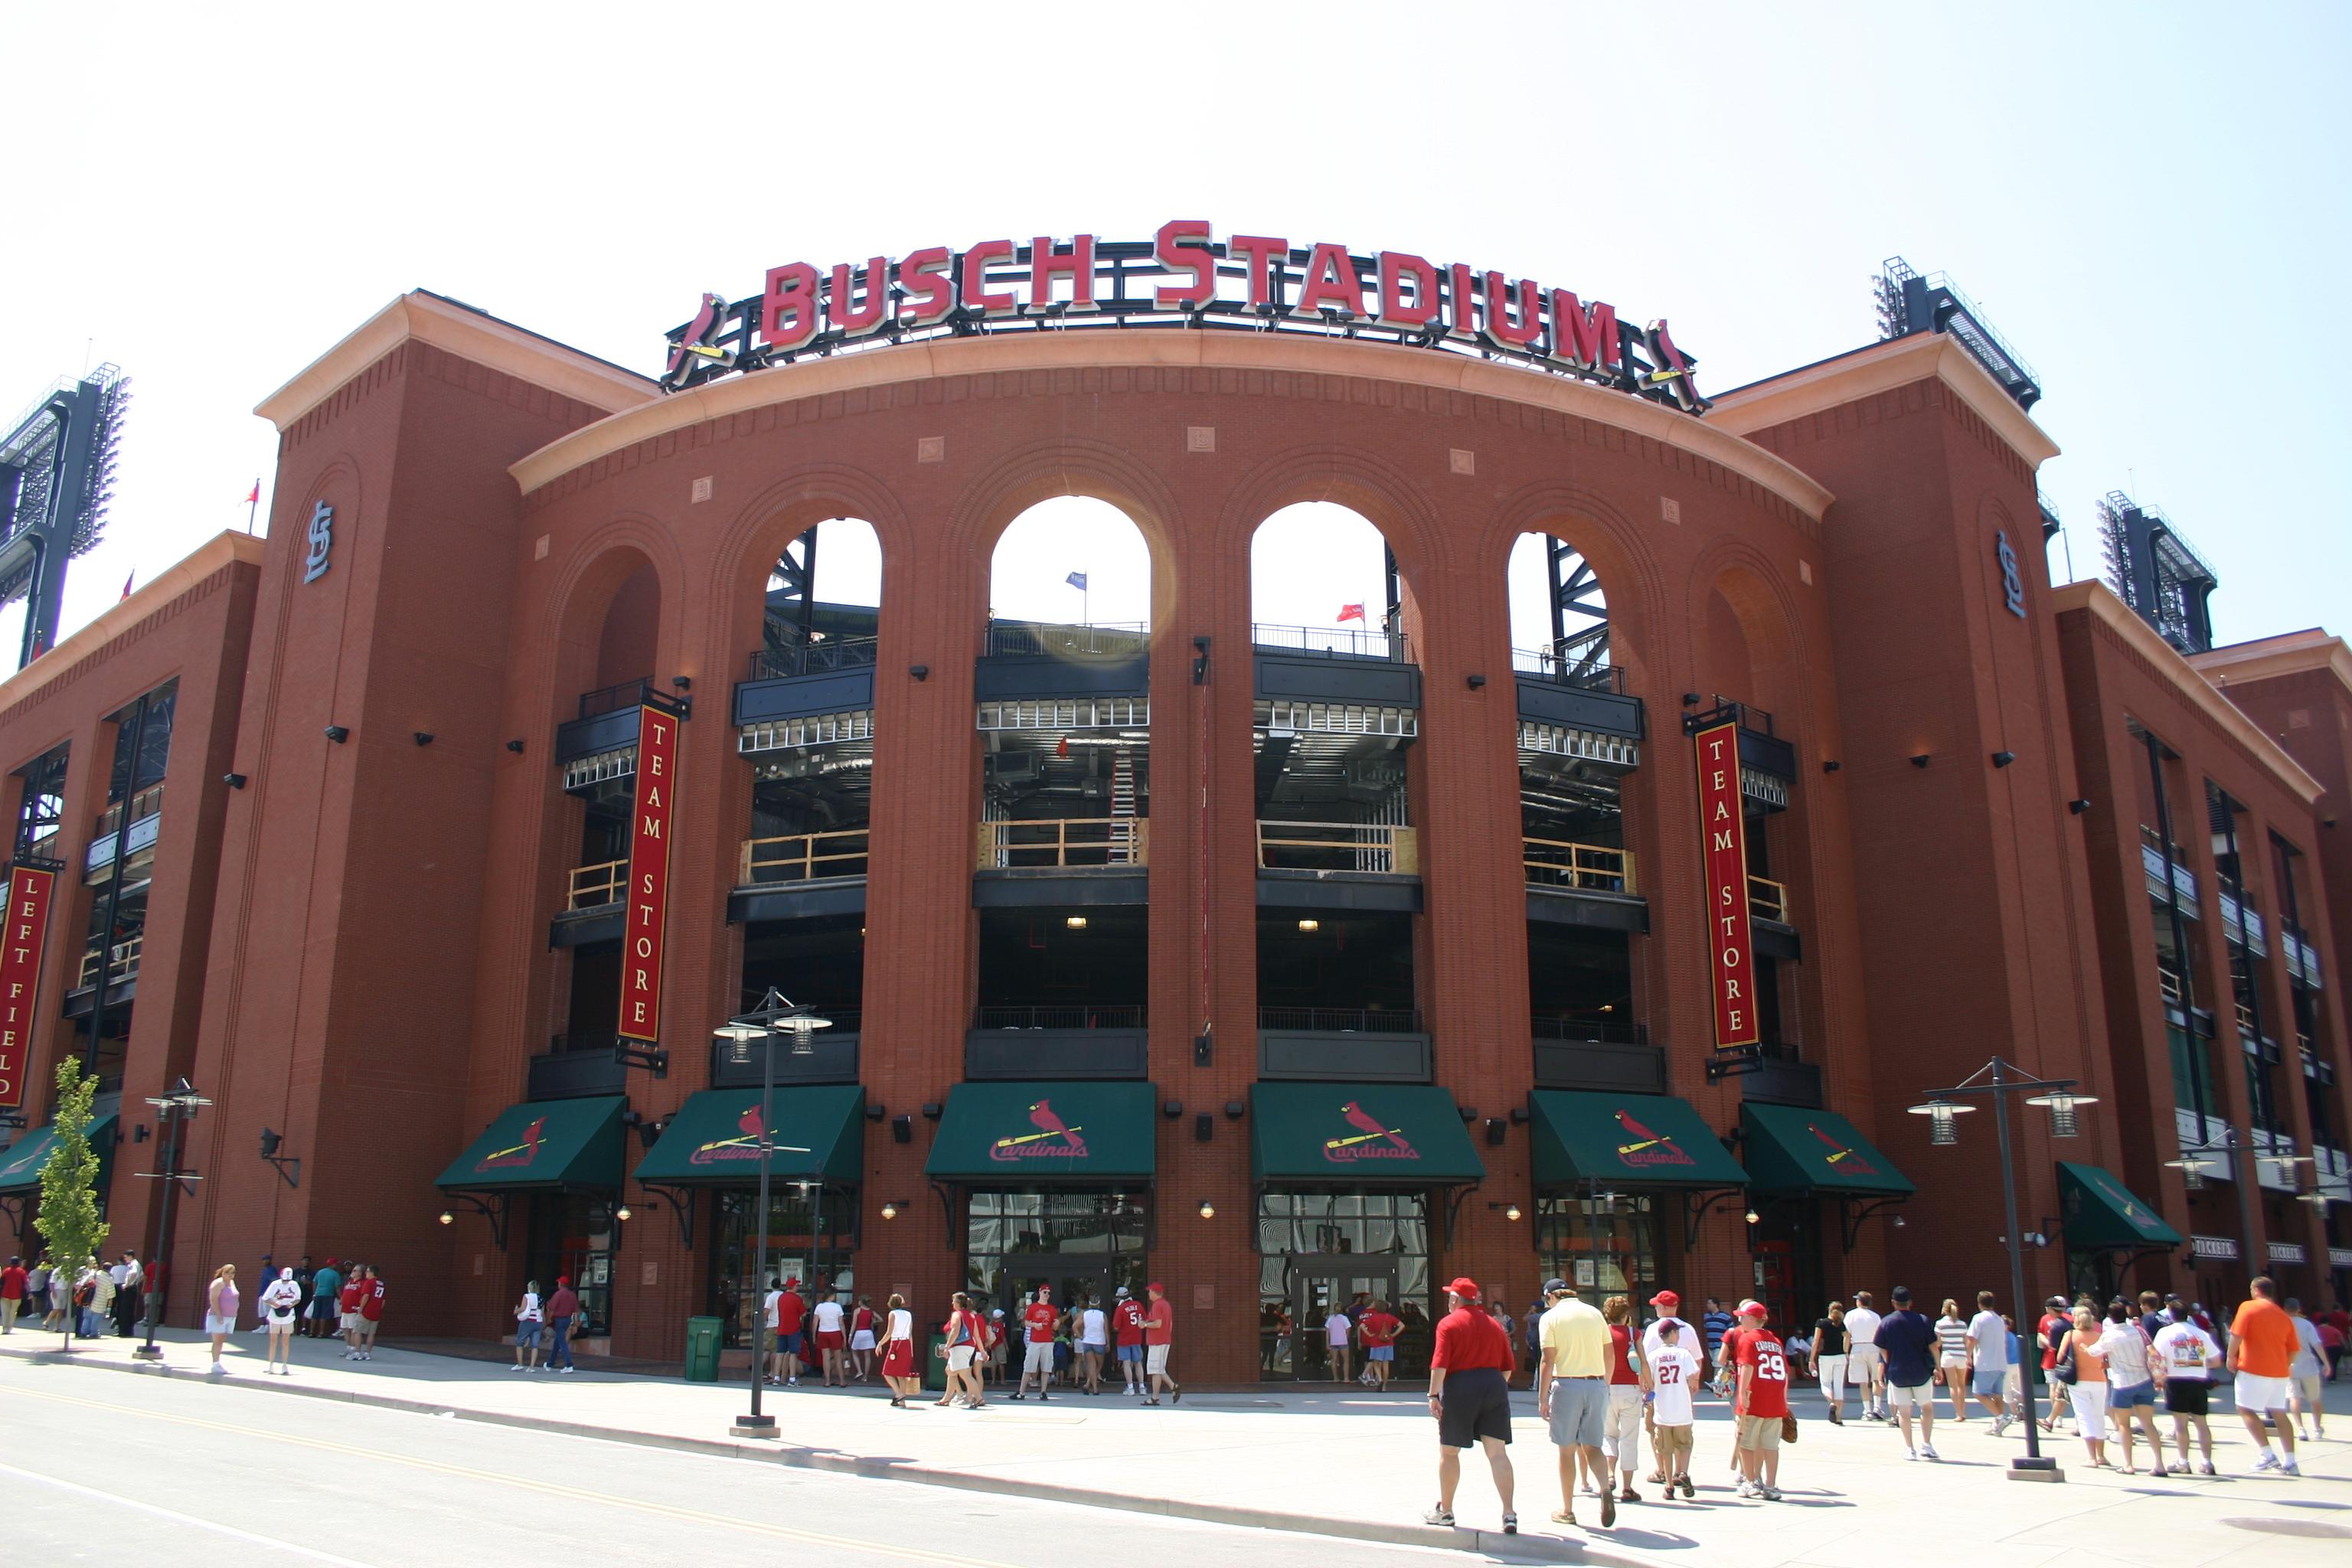 Busch Stadium, Home of the St. Louis Cardinals